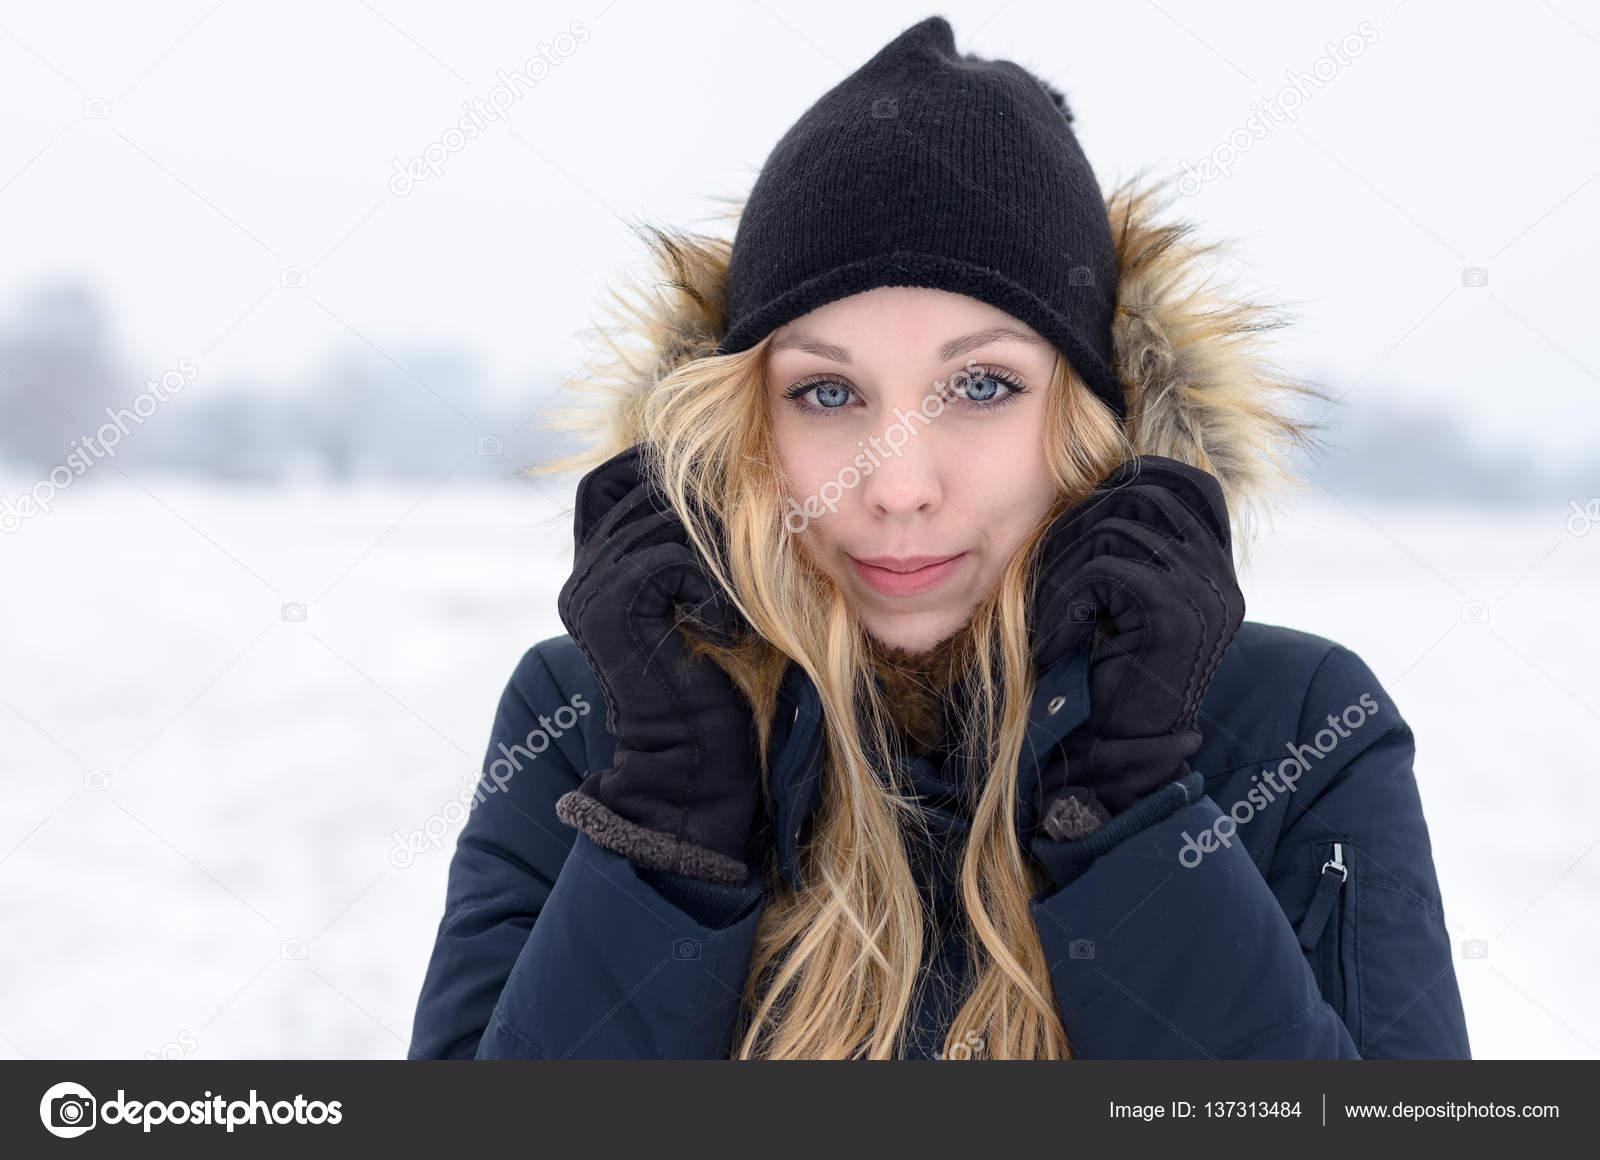 Froid de jeune femme dans un paysage d hiver glacial, recouvert de neige  blanche fraîche debout grelottant dans son garni de fourrure veste et chaud  laineux ... daa34e75a2b